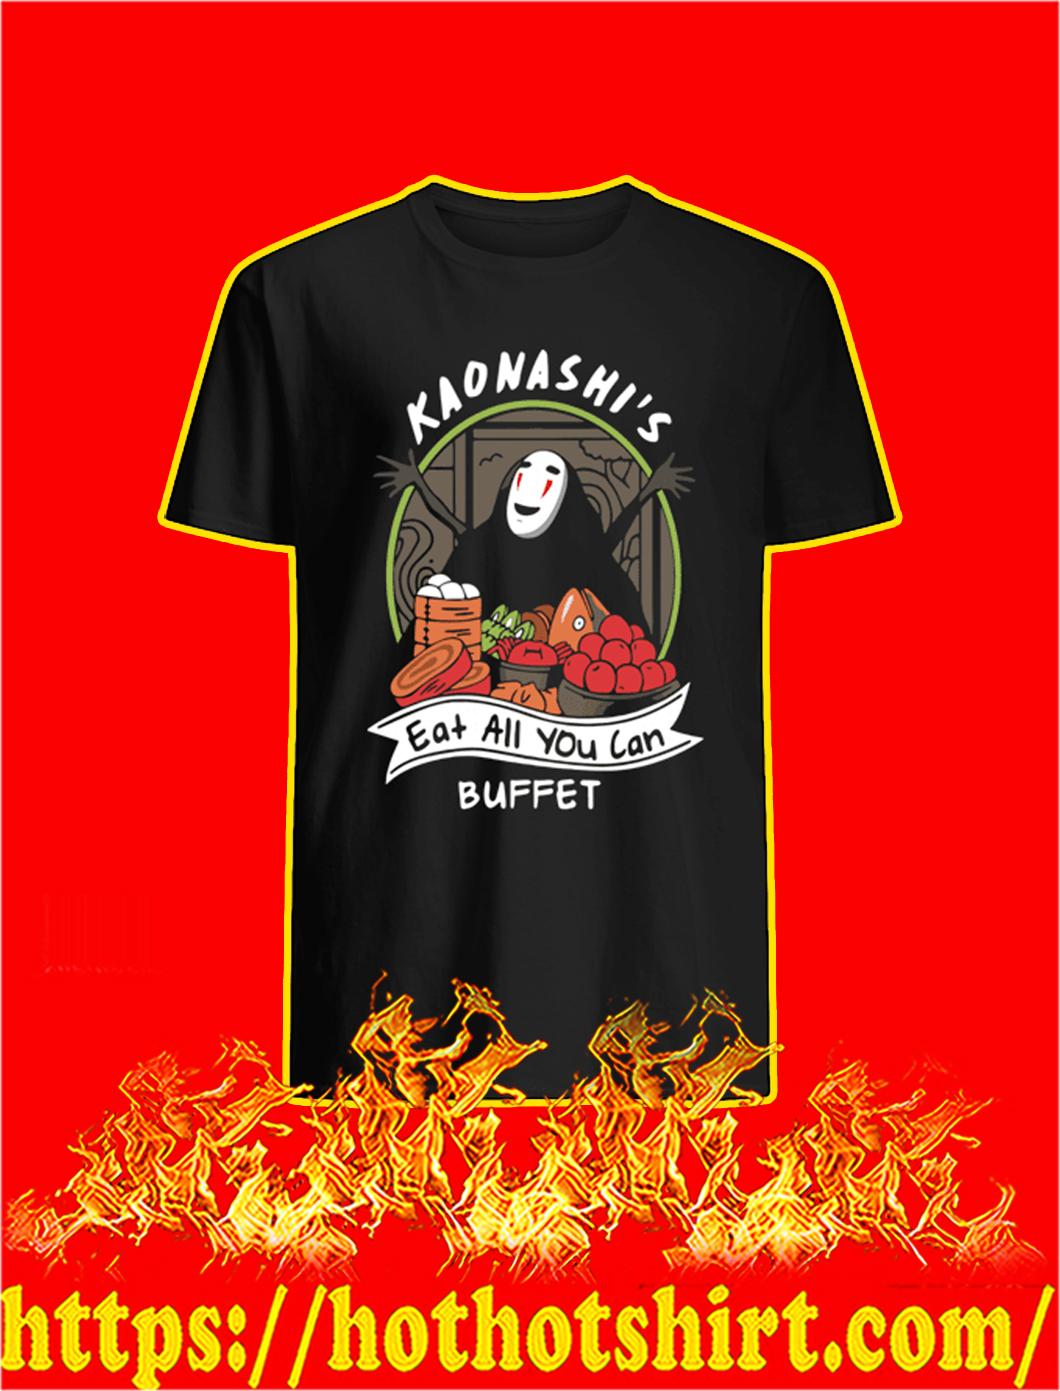 Kaonashi's Eat All You Can Buffet shirt